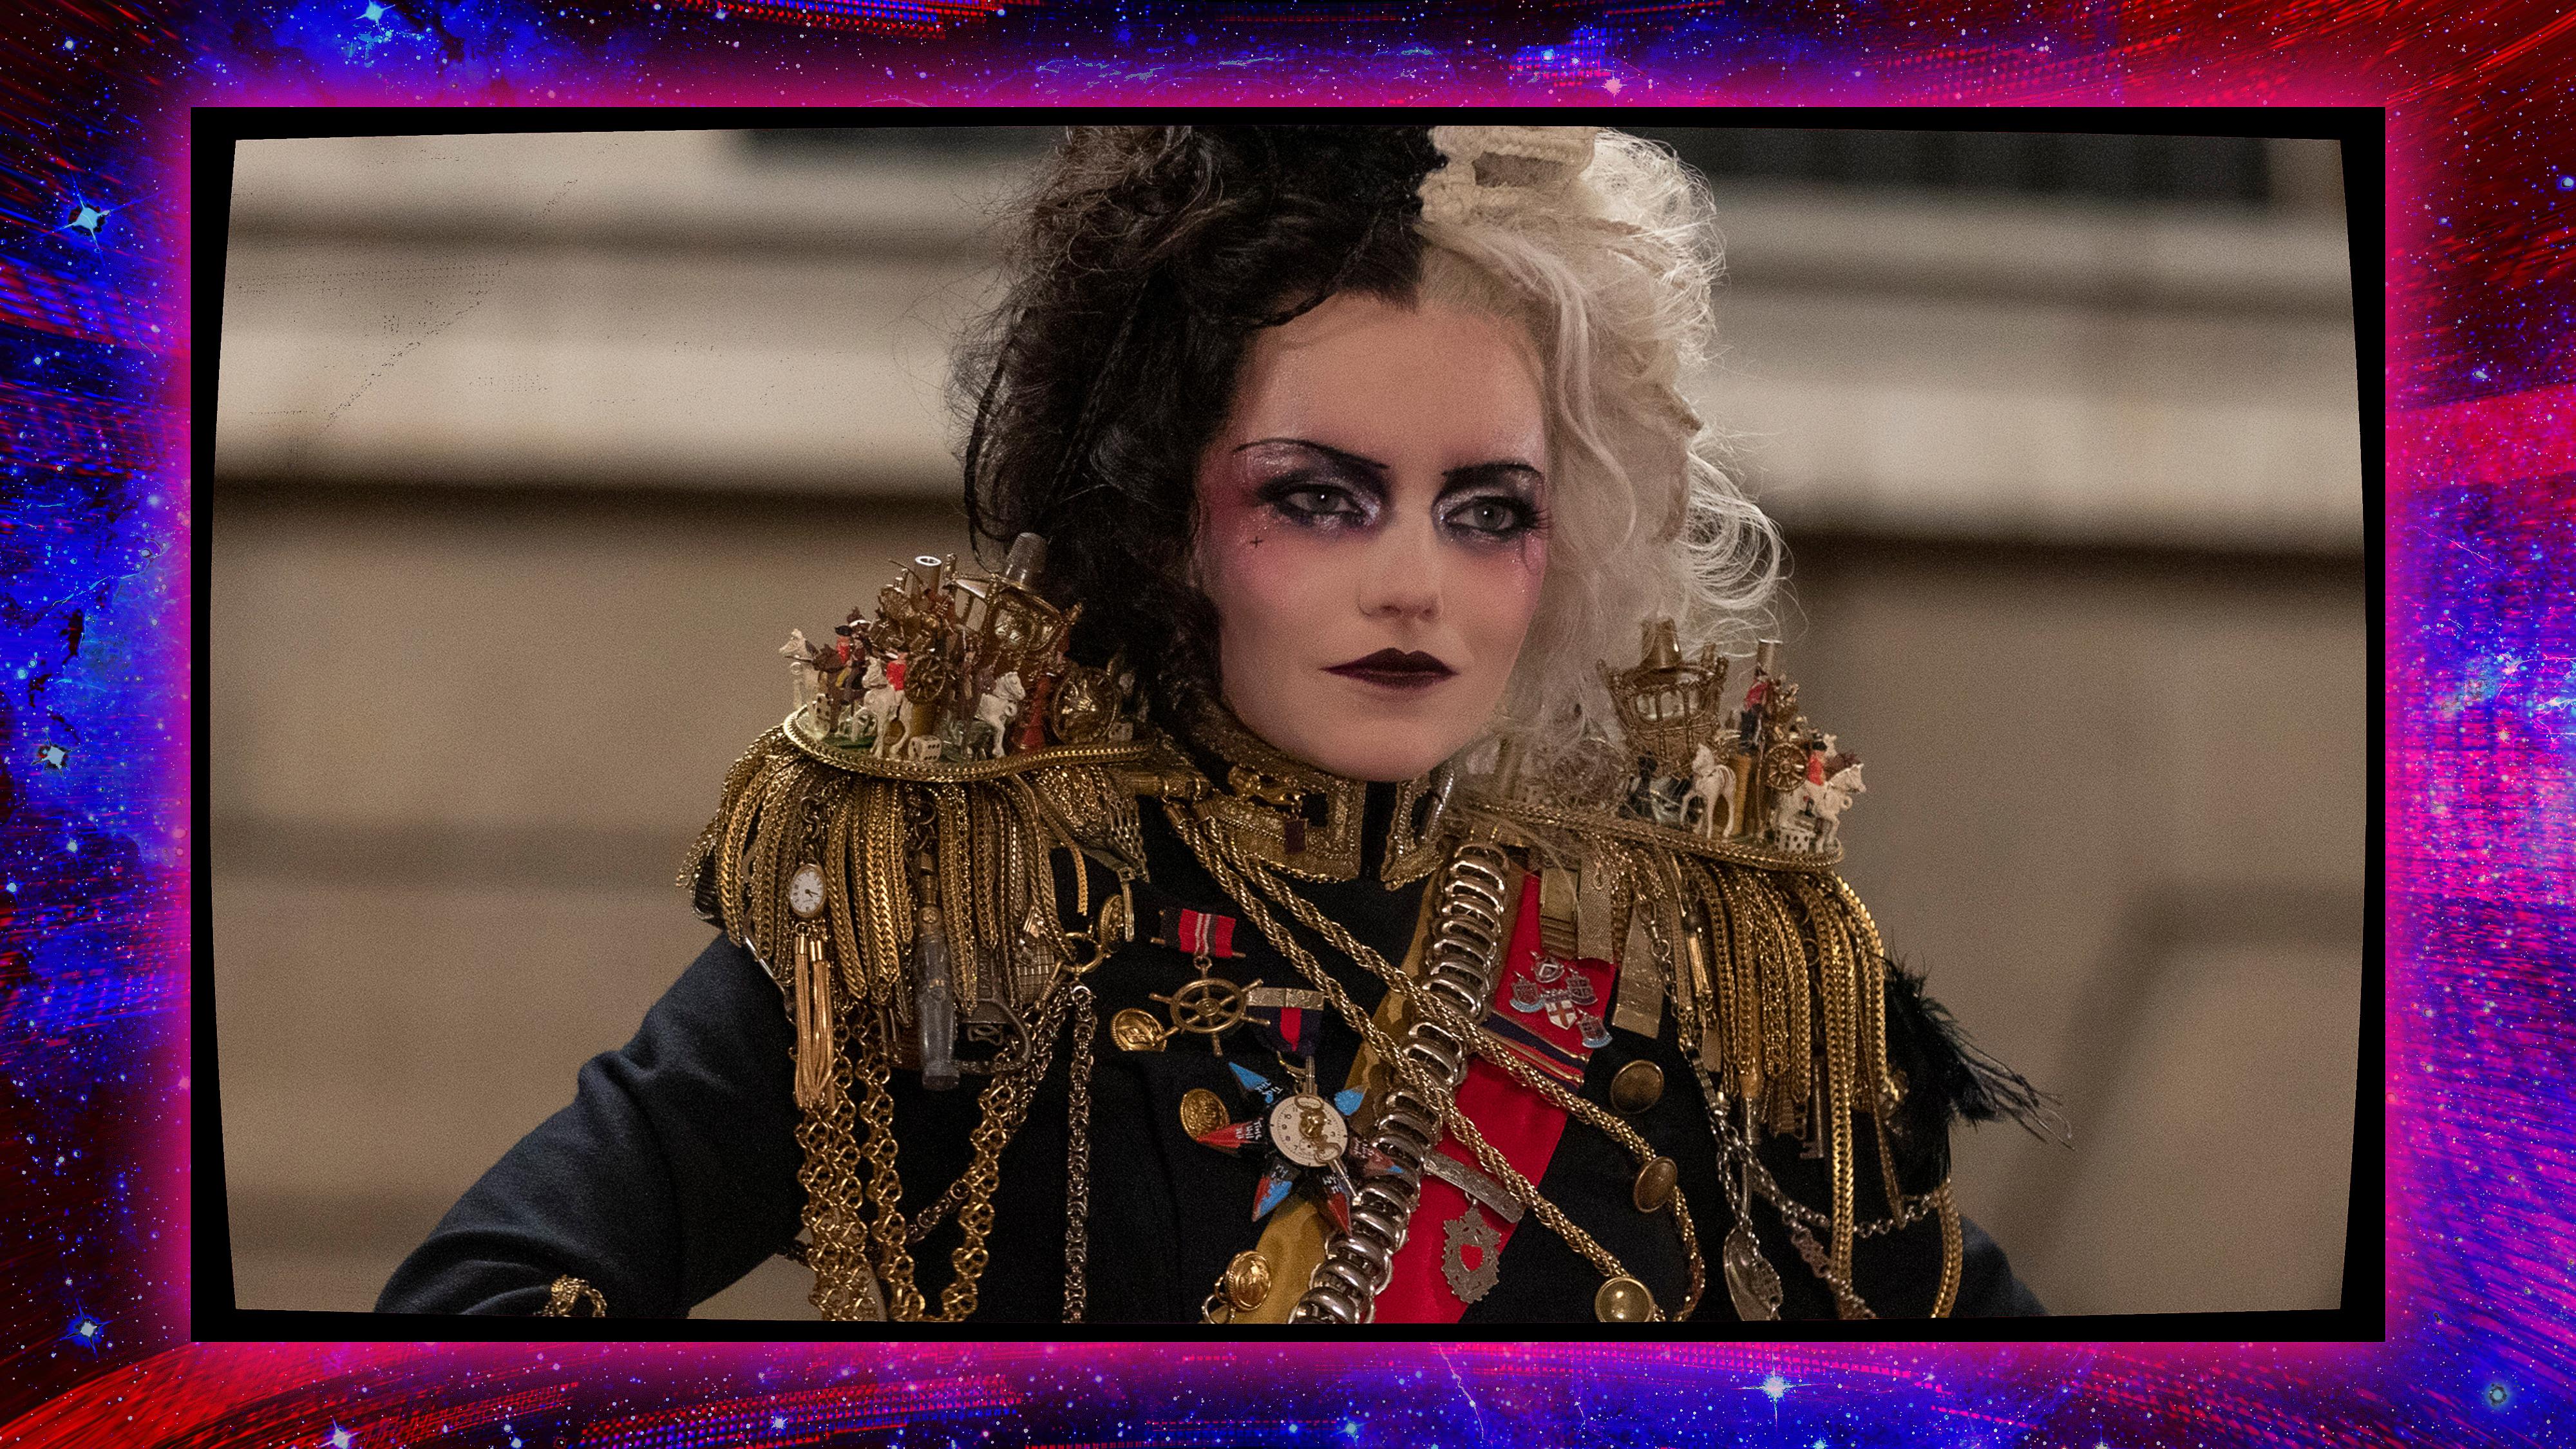 Cruella (Emma Stone) in her royal punk look in Cruella